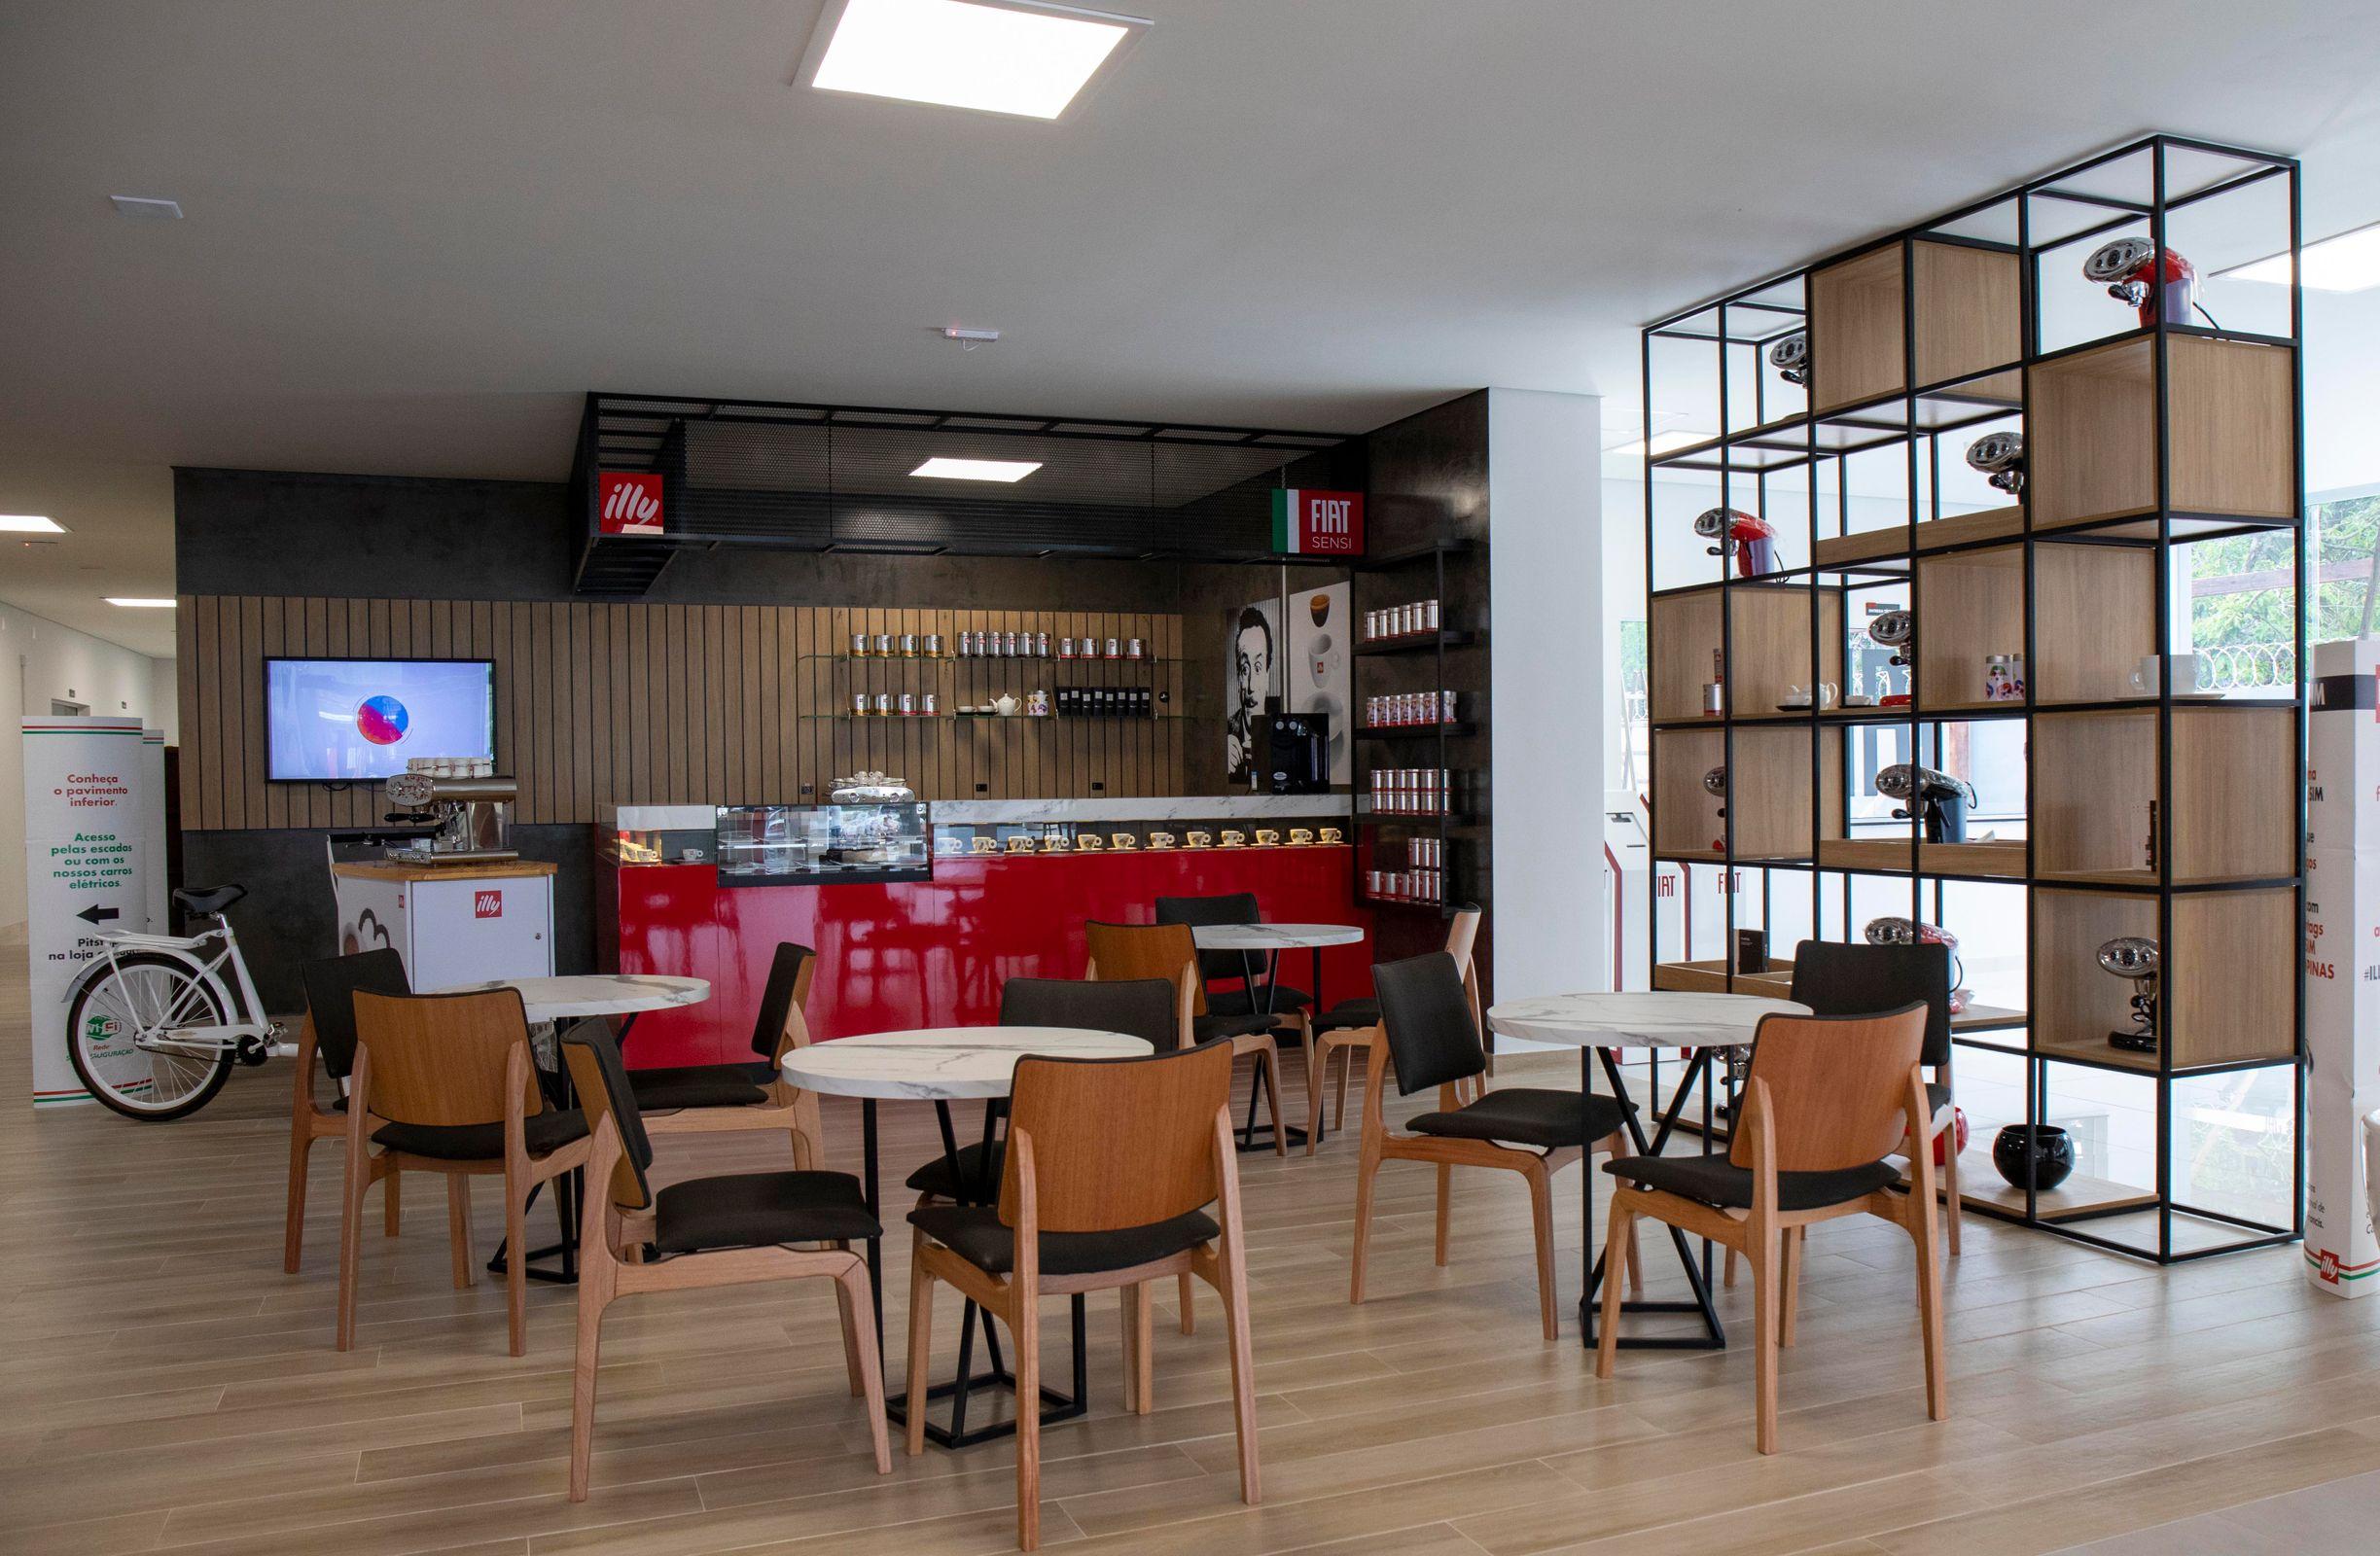 Vista de dentro da concessionária com mesas e cadeiras no espaço coworking e uma cafeteria ao fundo